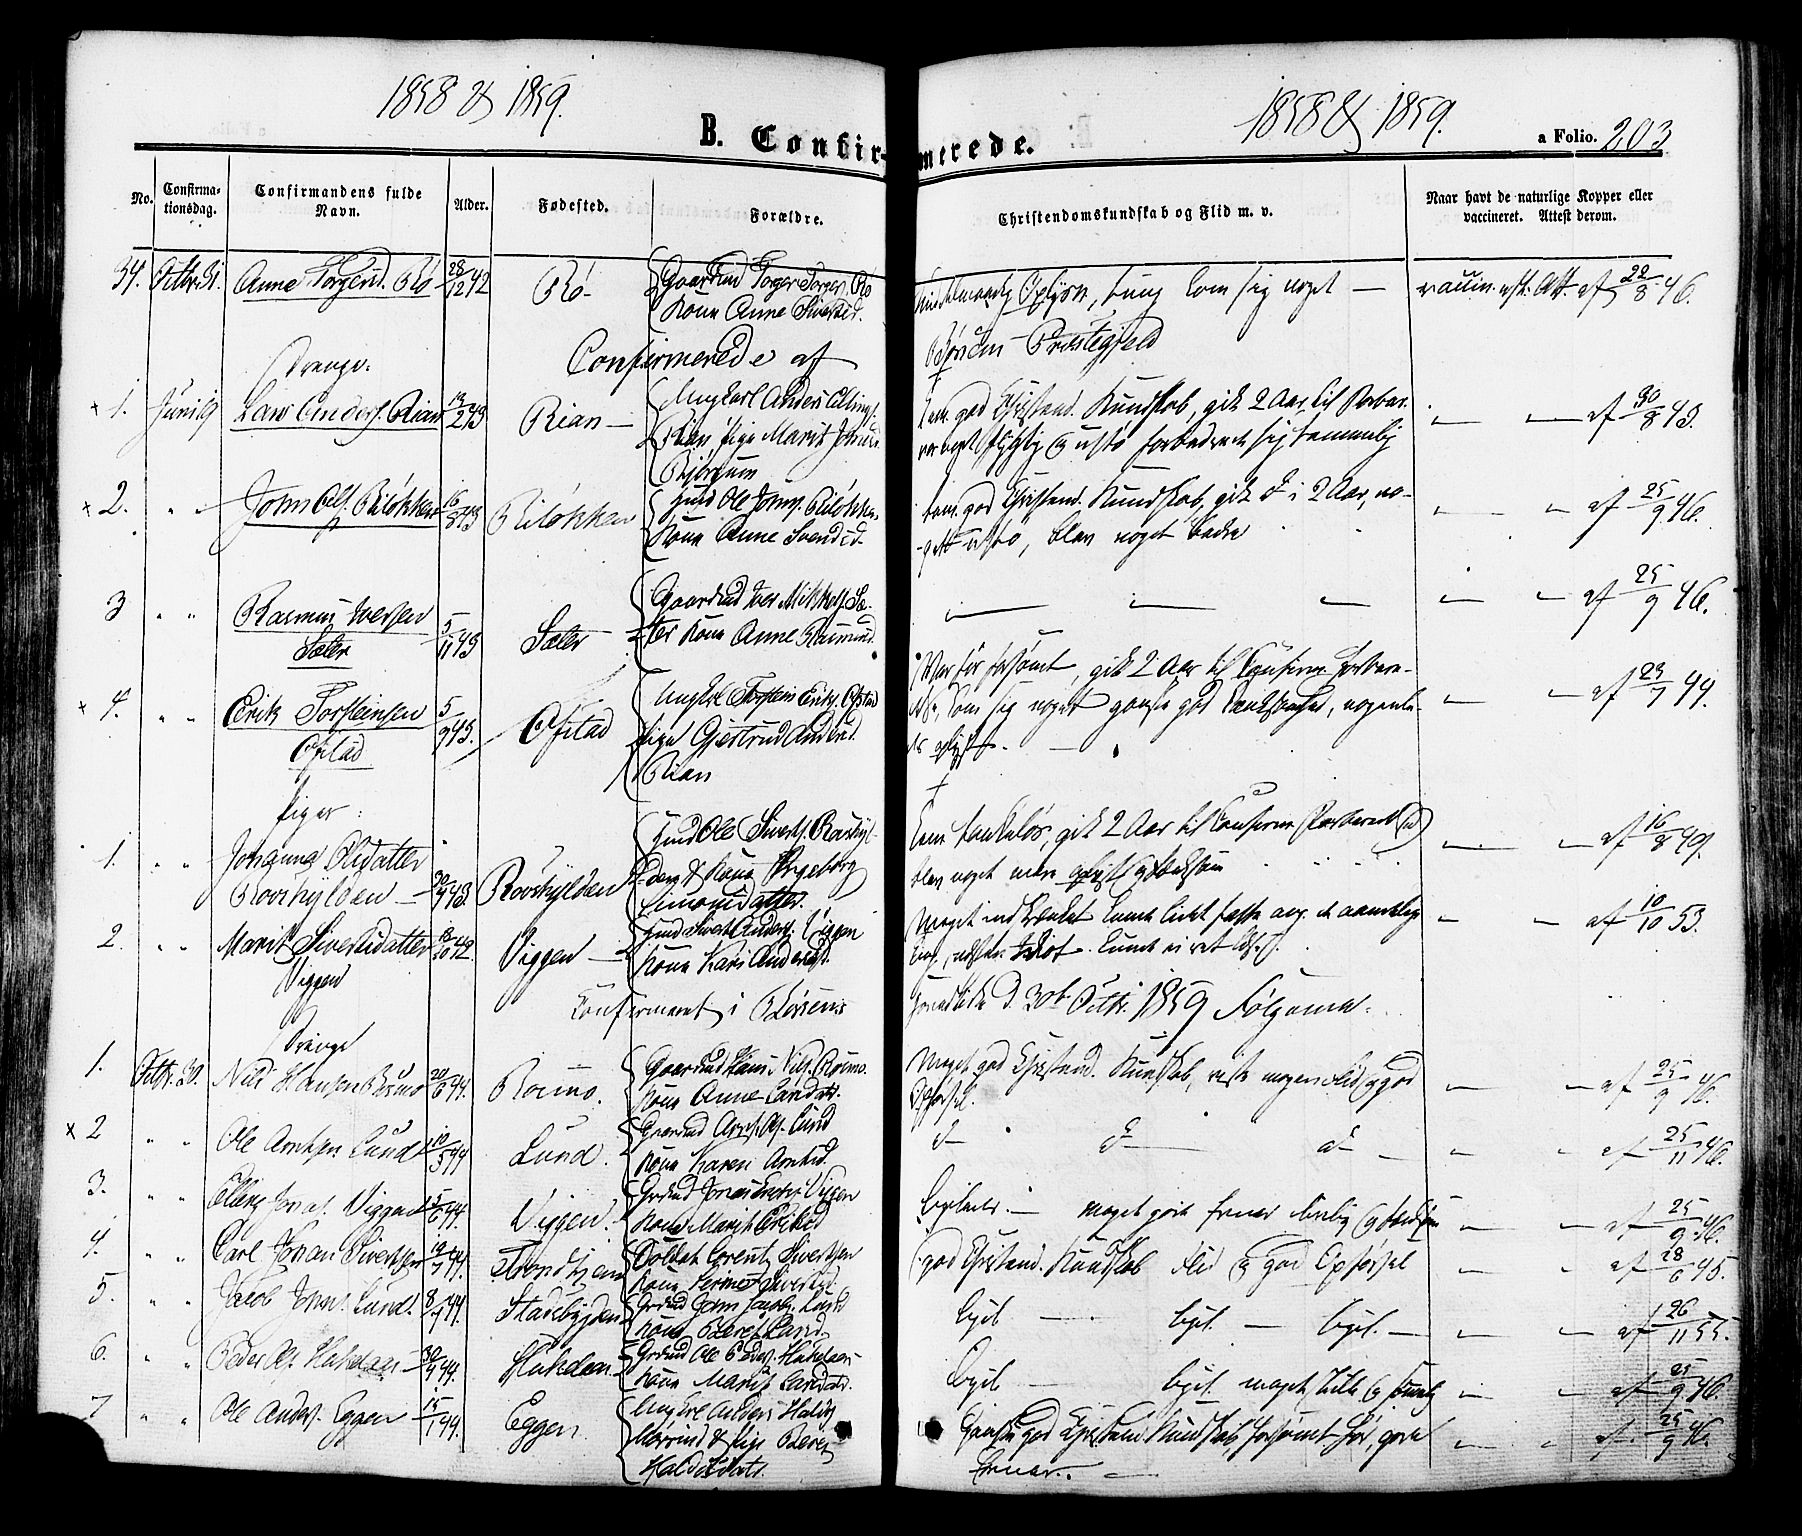 SAT, Ministerialprotokoller, klokkerbøker og fødselsregistre - Sør-Trøndelag, 665/L0772: Ministerialbok nr. 665A07, 1856-1878, s. 203